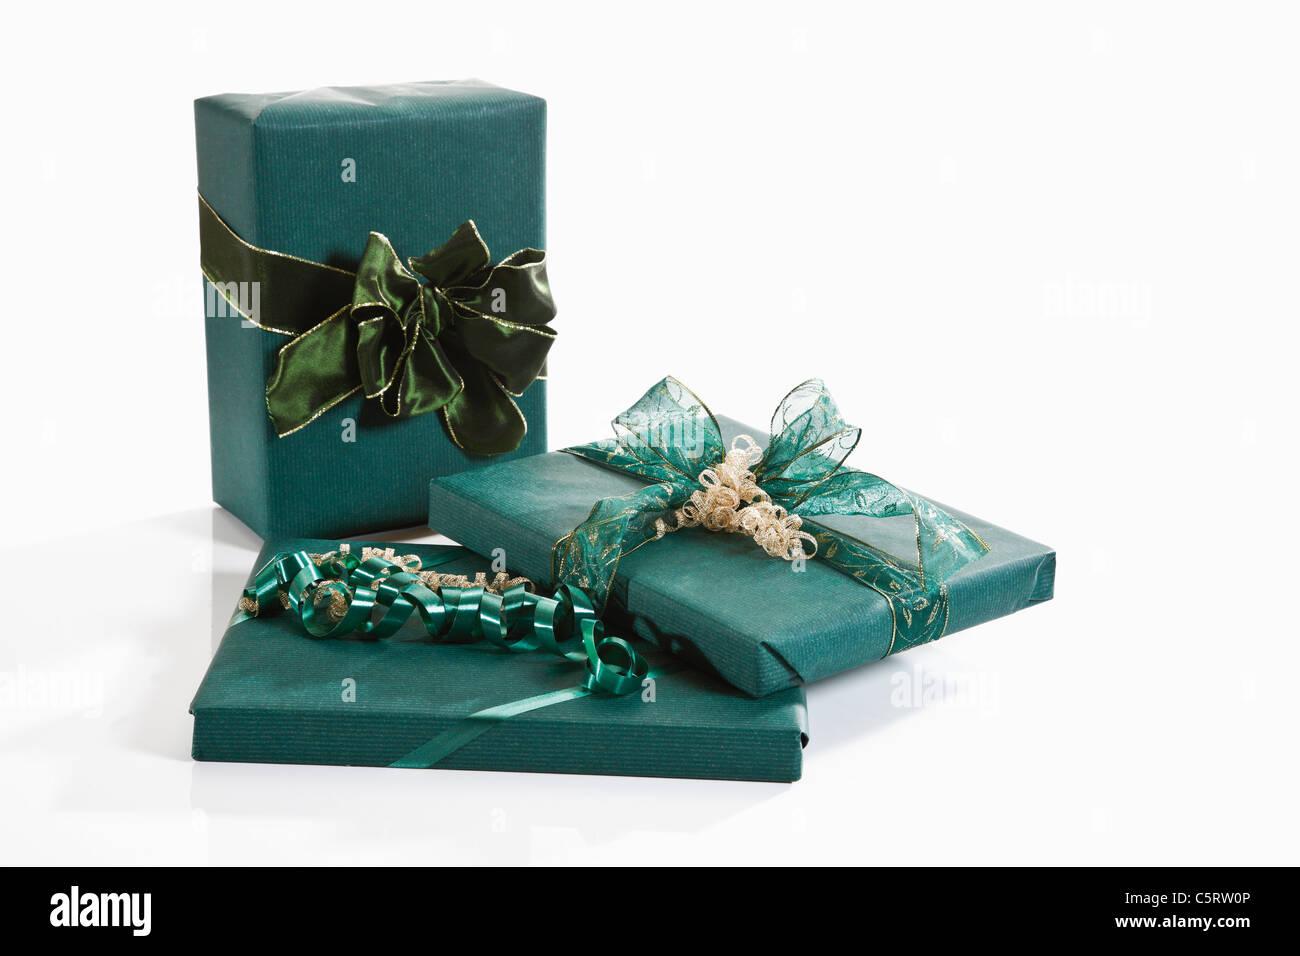 Les cadeaux emballés avec du papier d'emballage vert Photo Stock